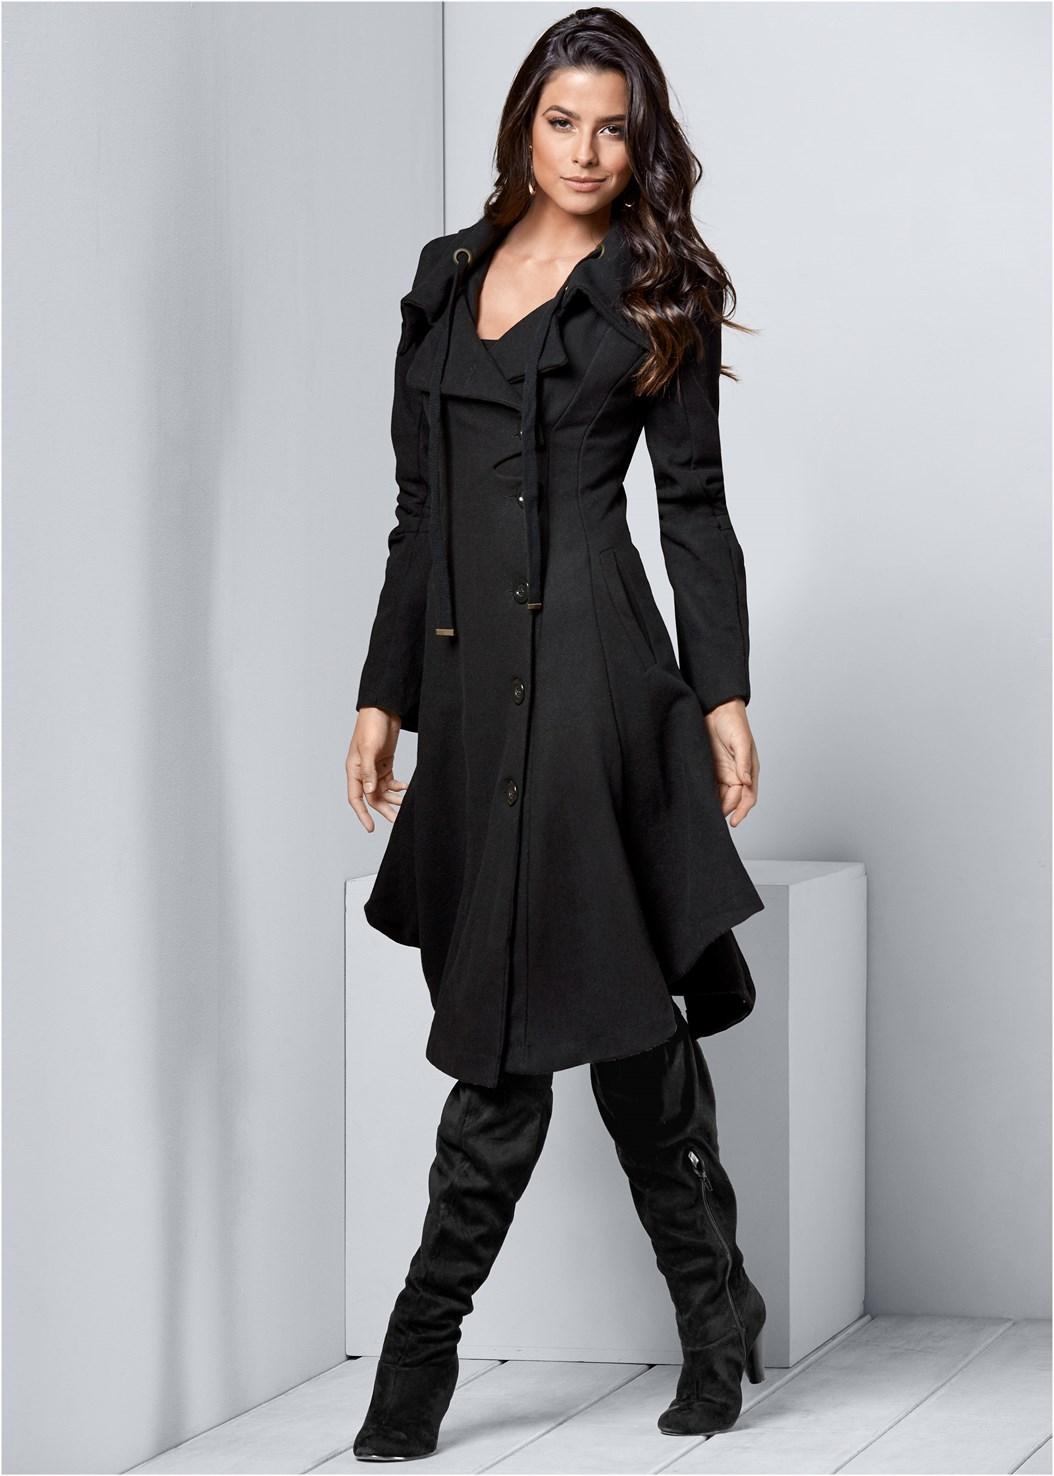 Handkerchief Hem Coat,Basic Cami Two Pack,Basic Leggings,Fold Over Boot,Print Detail Handbag